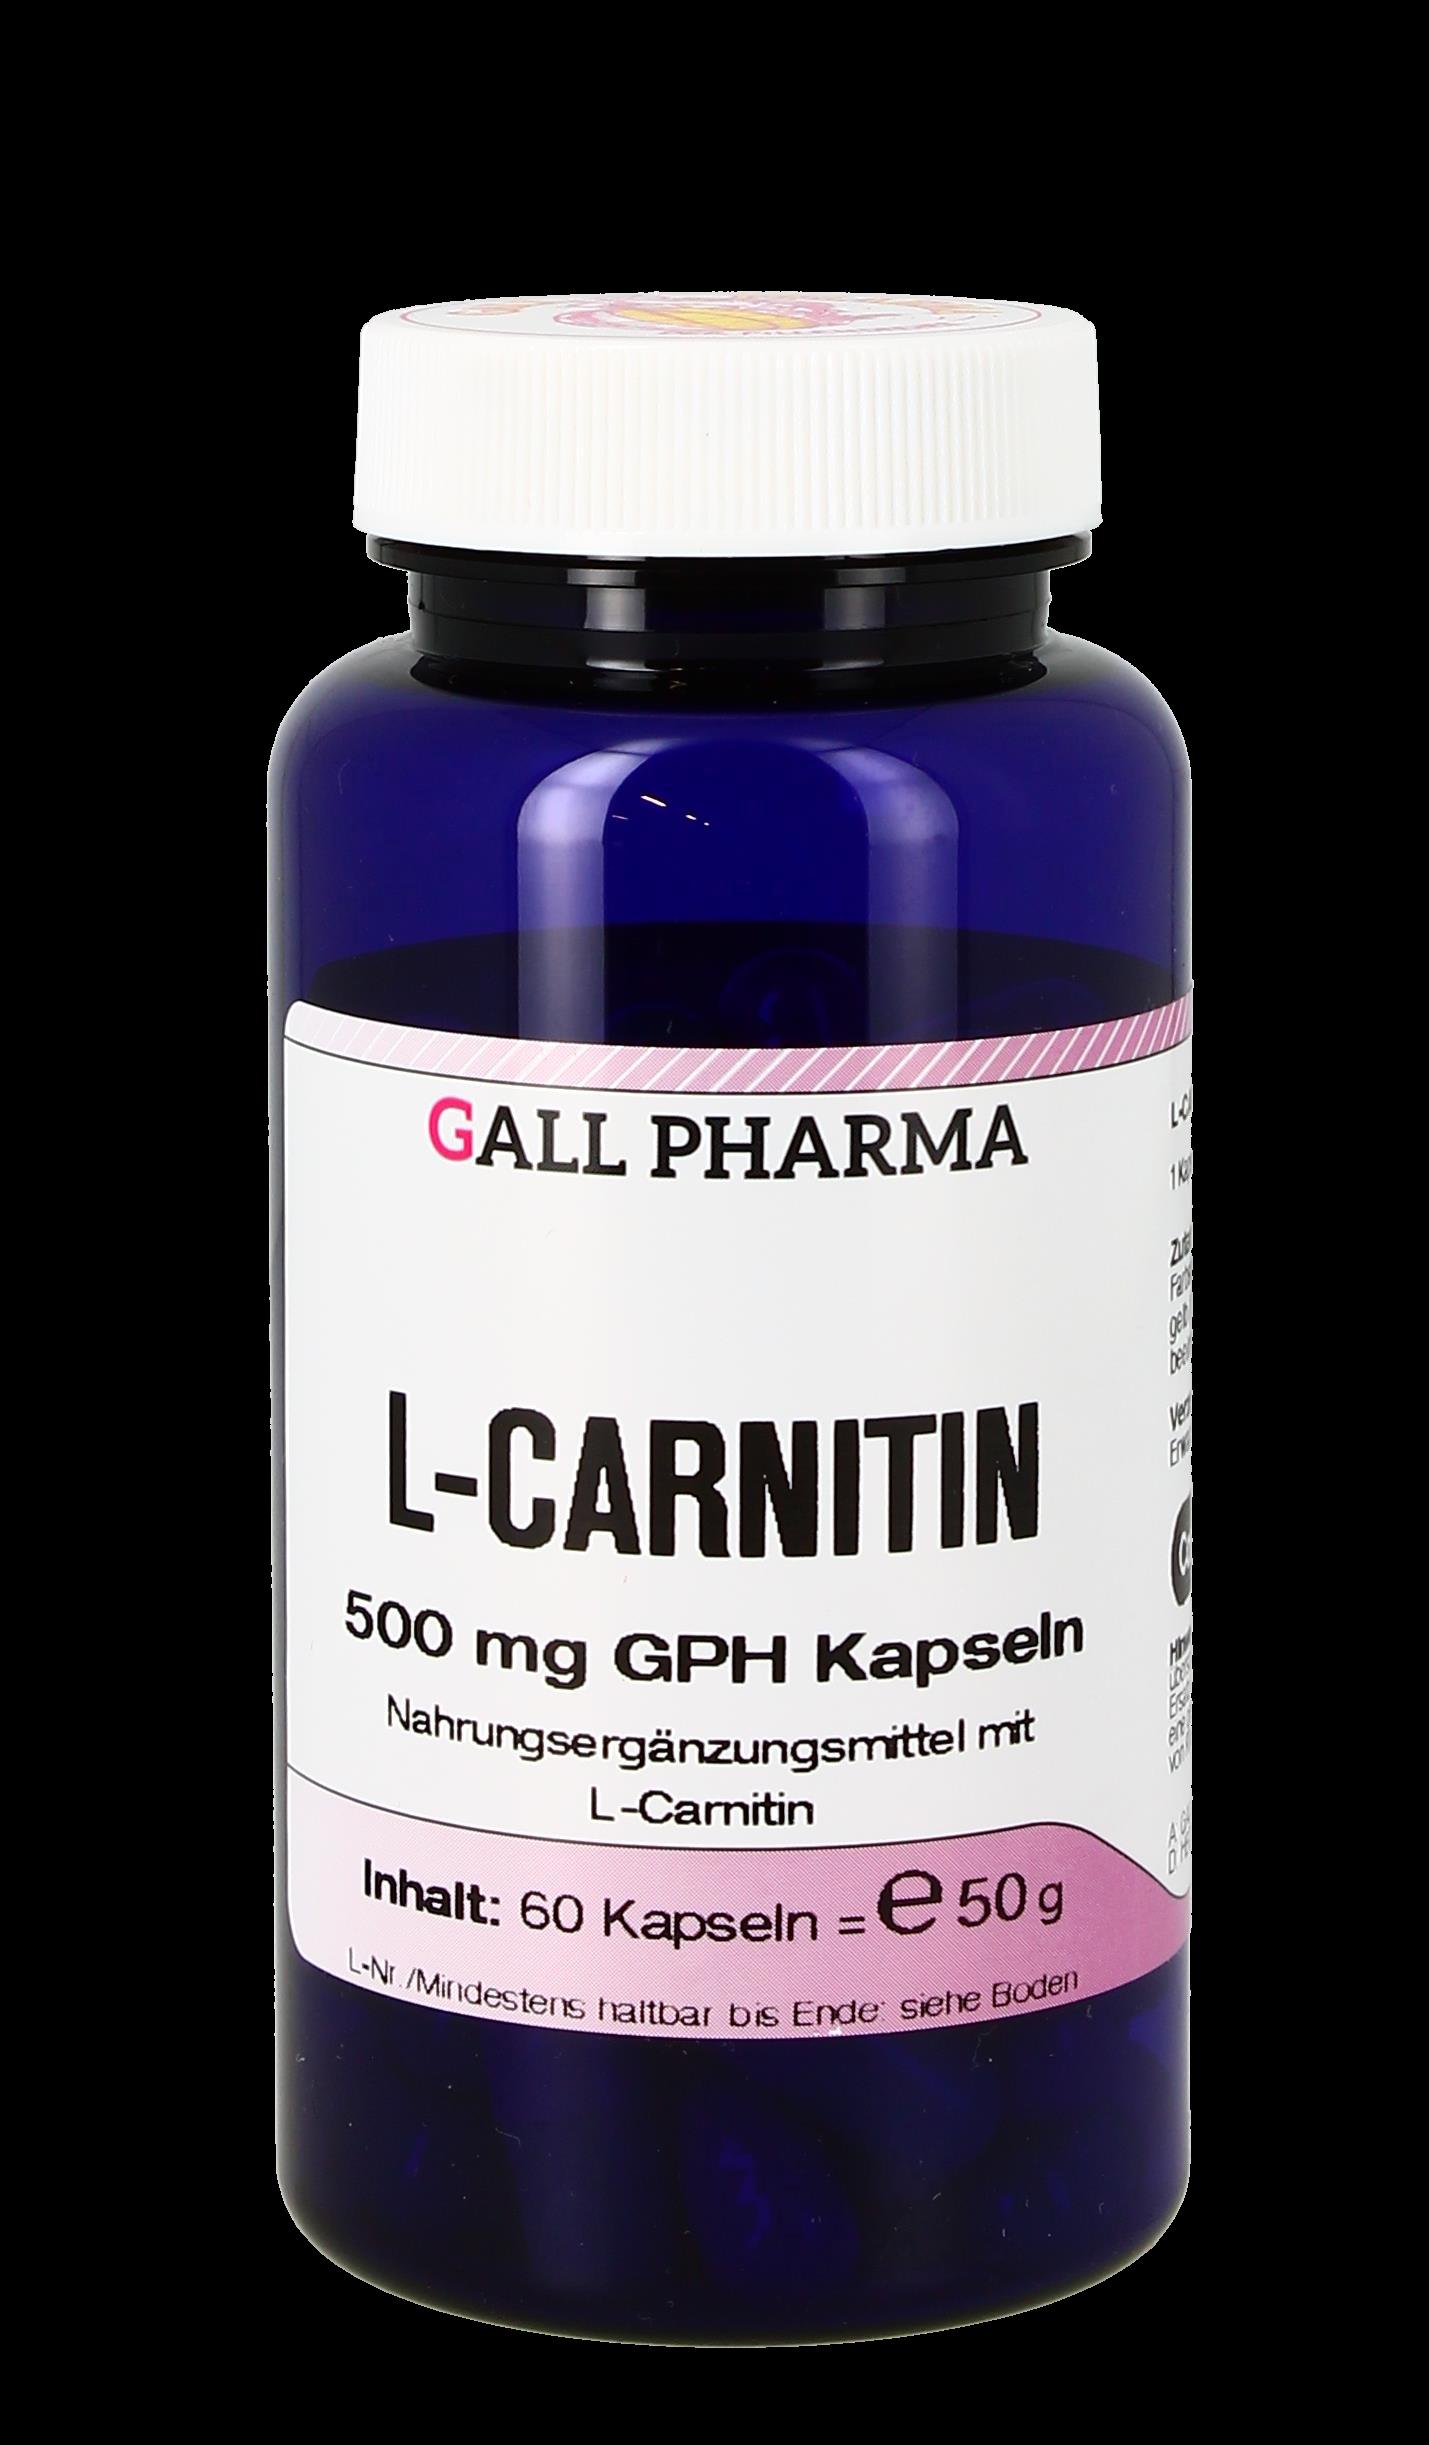 L-Carnitin 500 mg GPH Kapseln